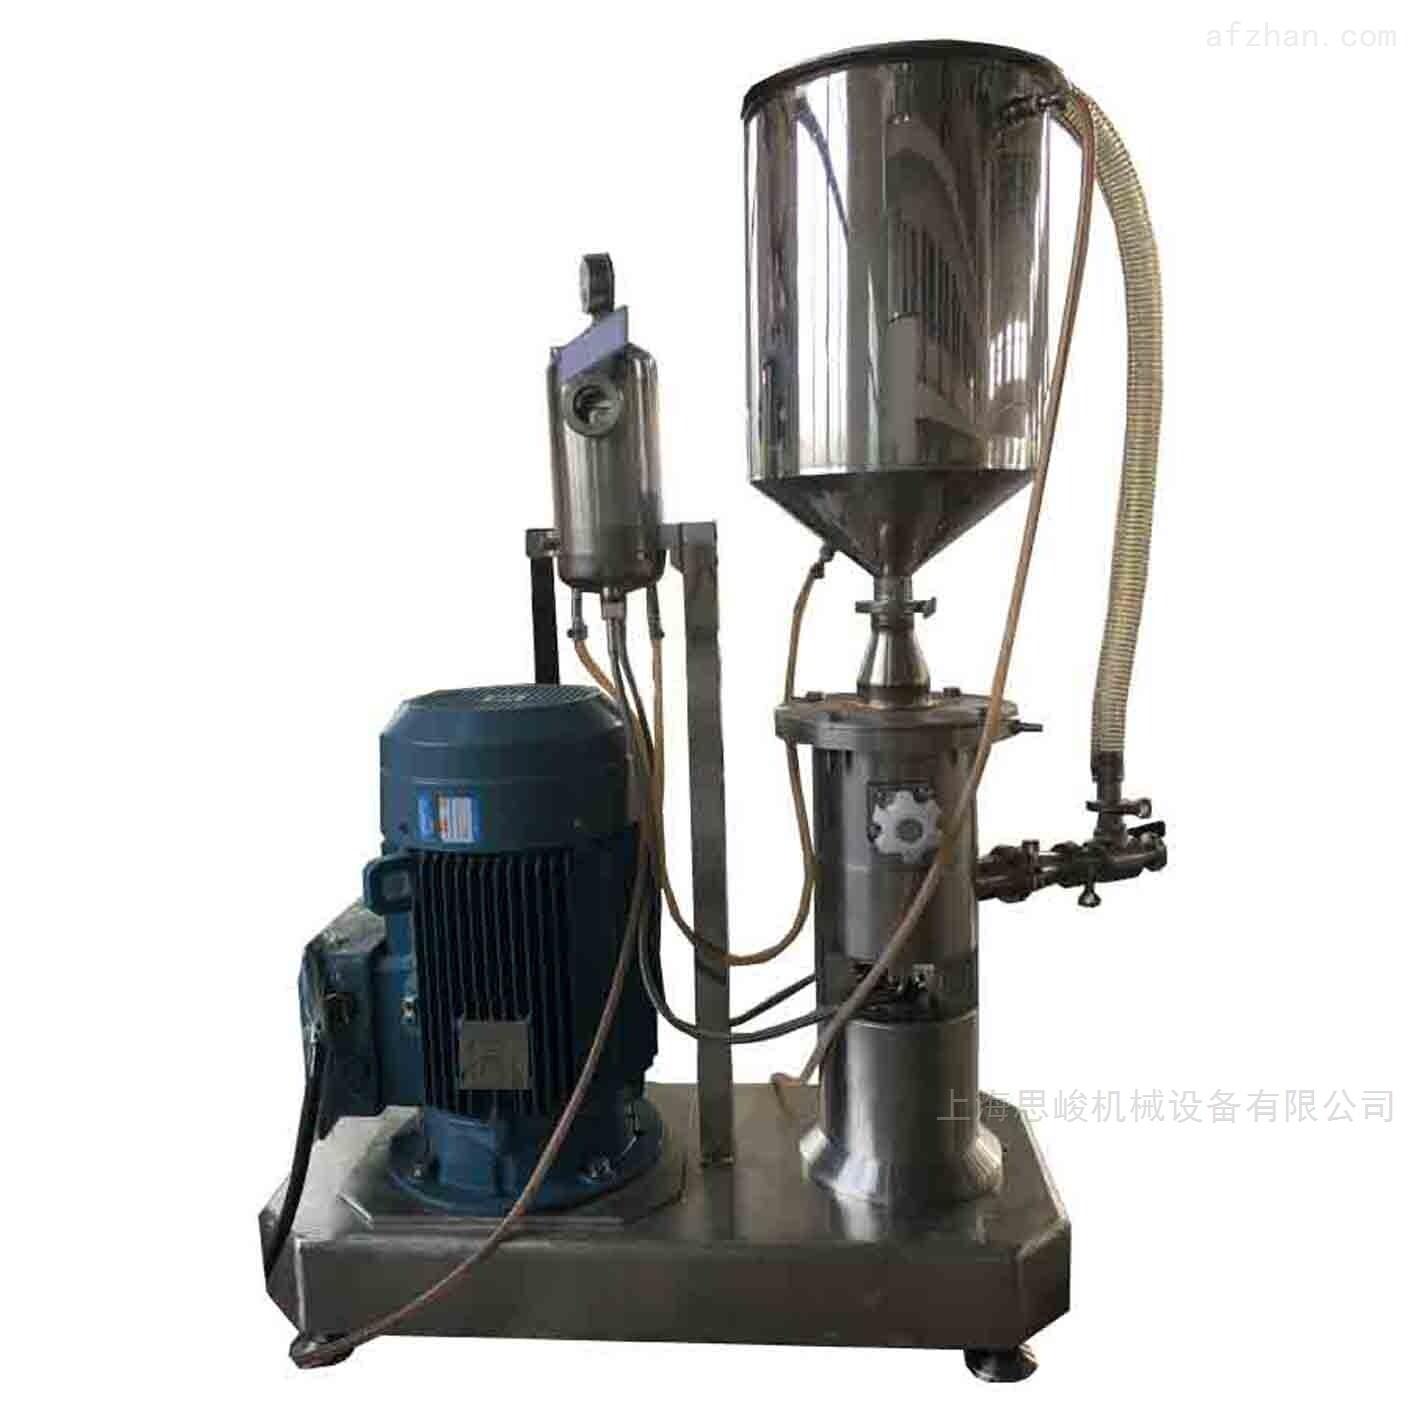 膨胀微球发泡剂高速乳化机